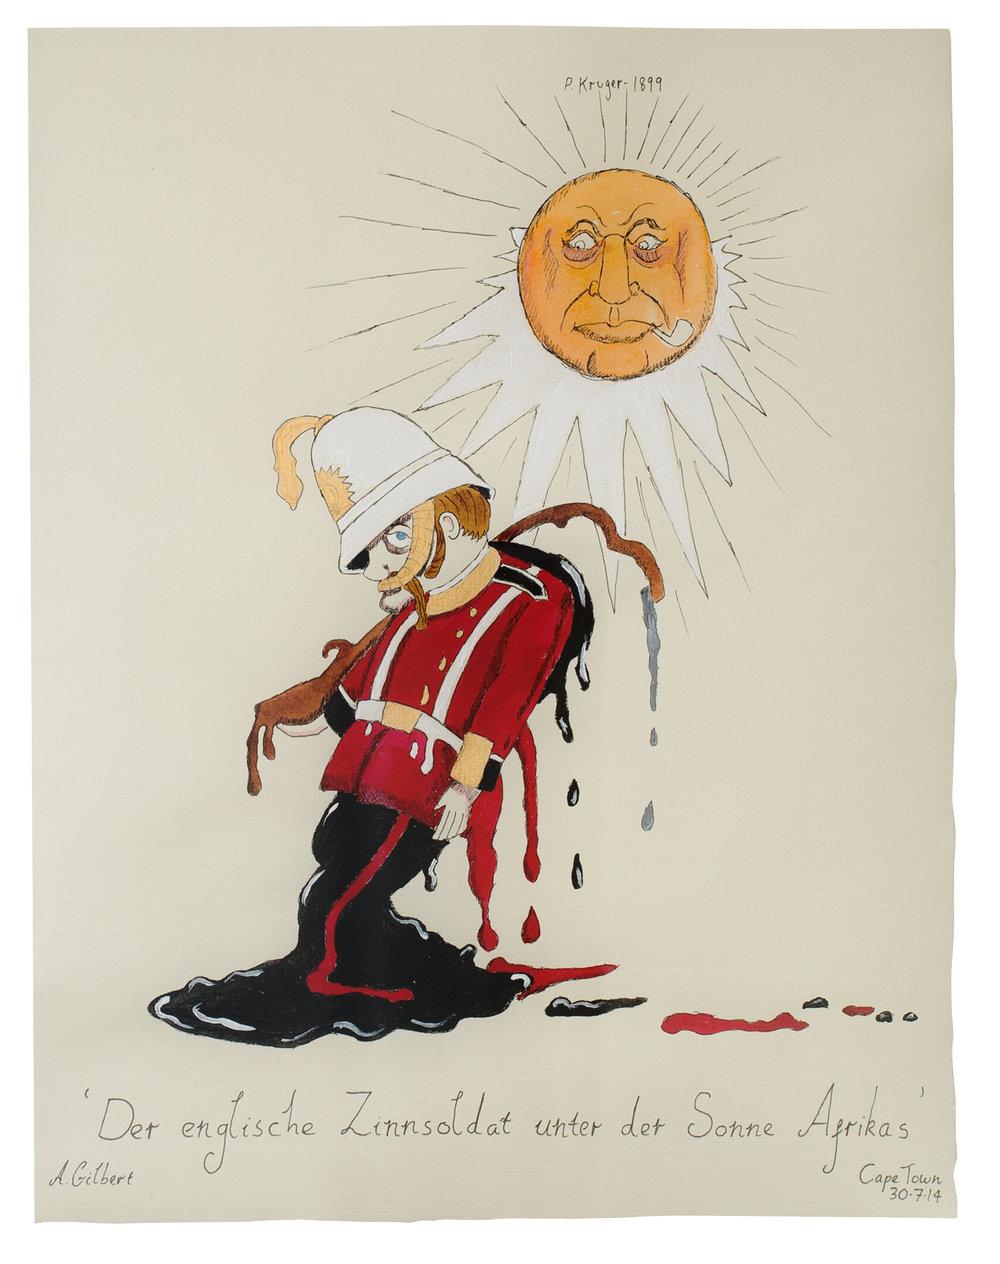 Andrew Gilbert, Der Englische Zinnsoldat unter der Sonne Afrikas, 2014, acrylic, watercolor and fineliner on paper, 30 x 21 cm